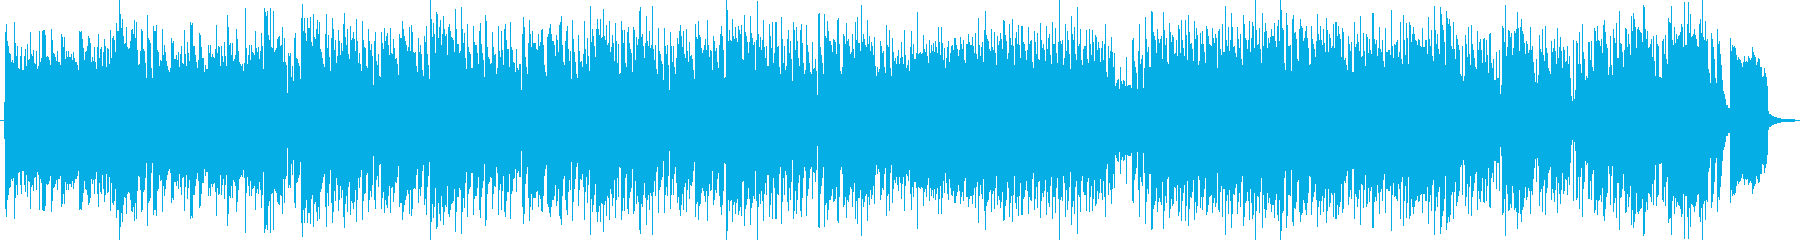 クラシック曲シチリアーノのロックメタル…の再生済みの波形